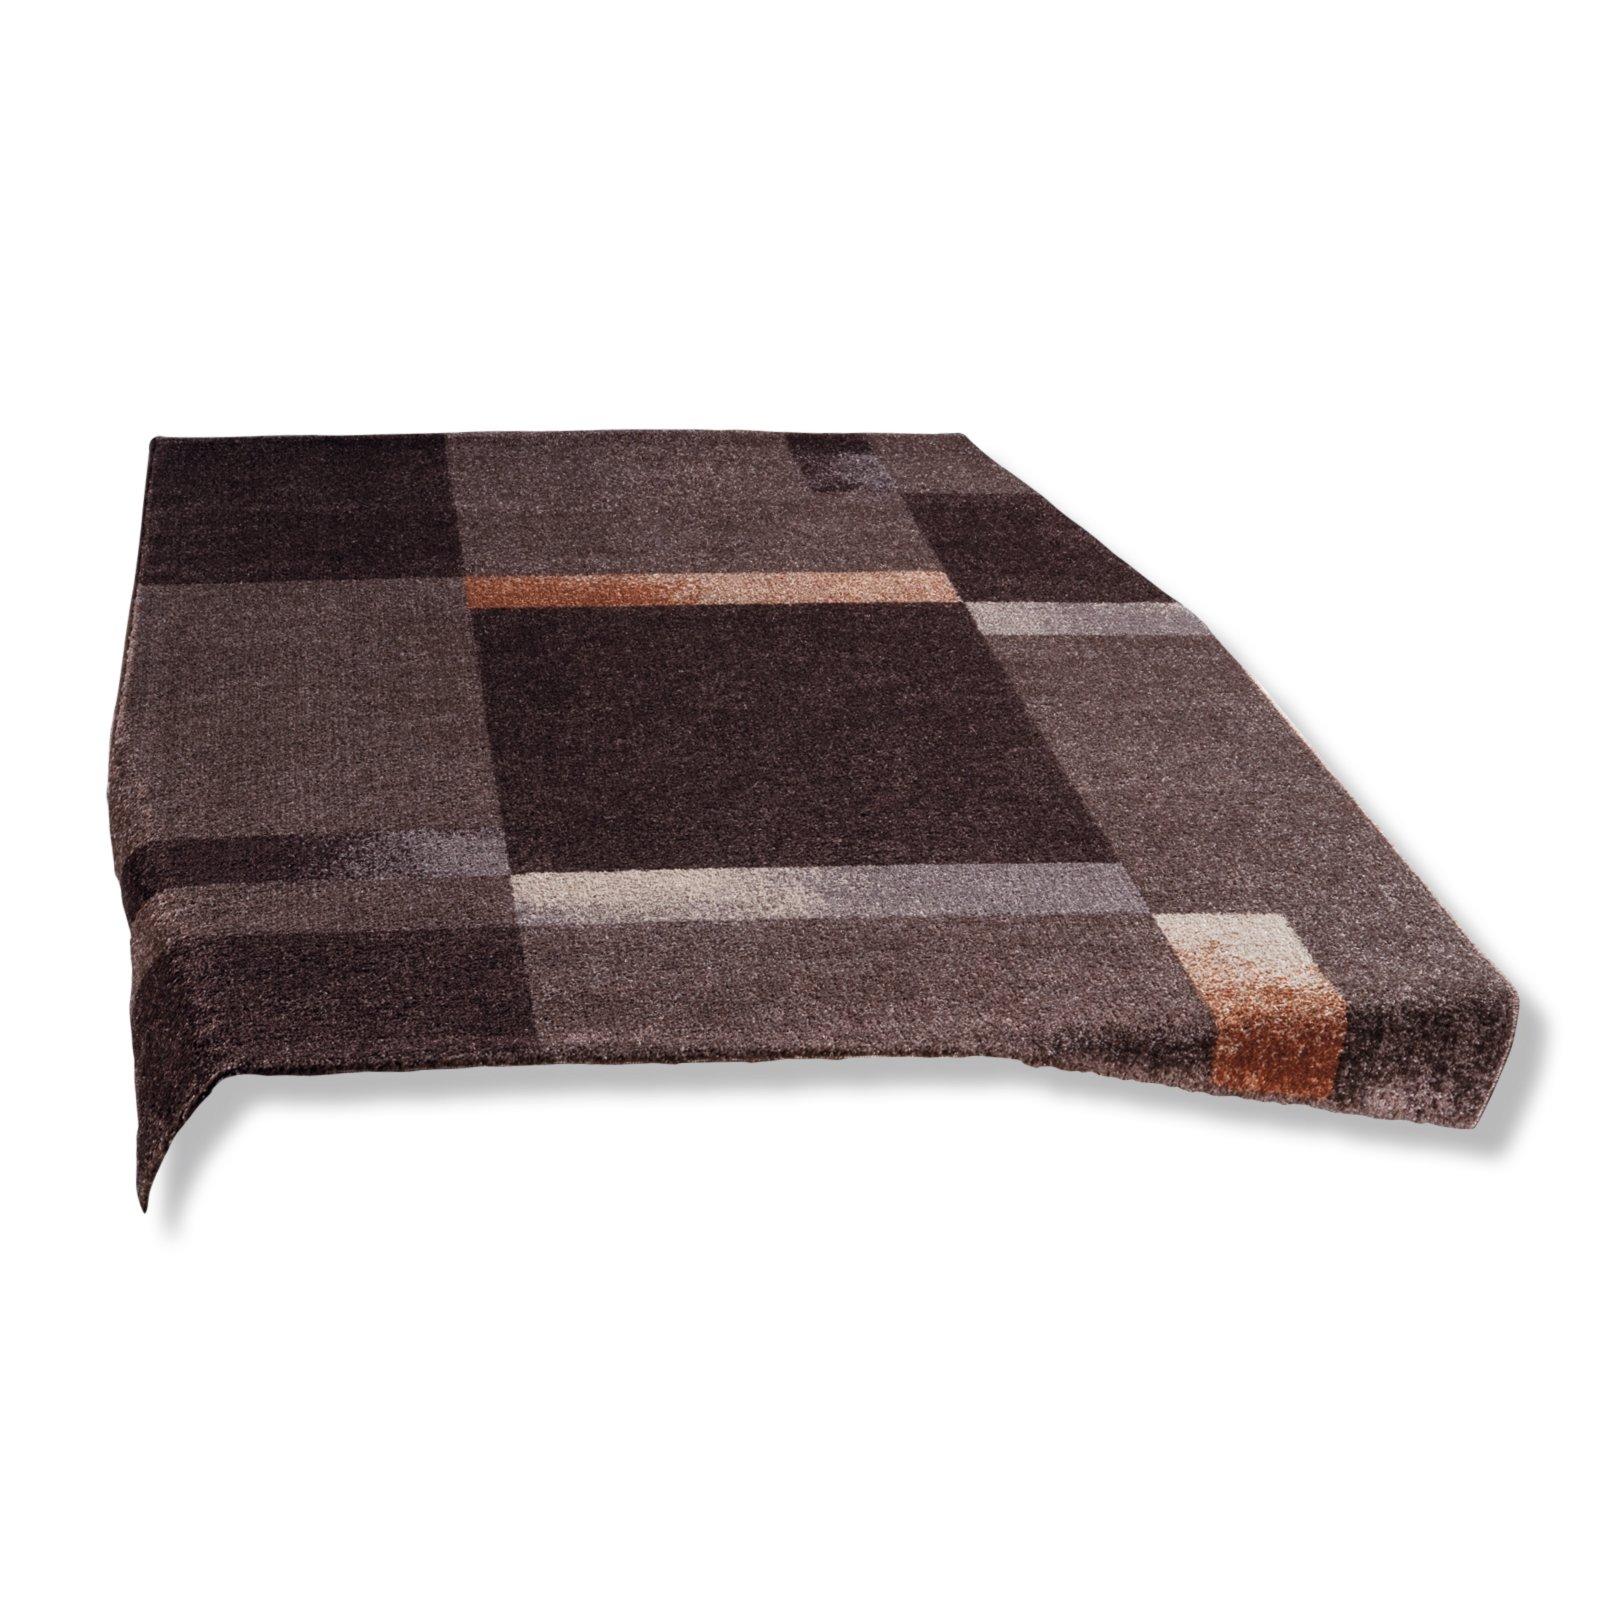 teppich vera braun 200x290 cm gemusterte teppiche. Black Bedroom Furniture Sets. Home Design Ideas